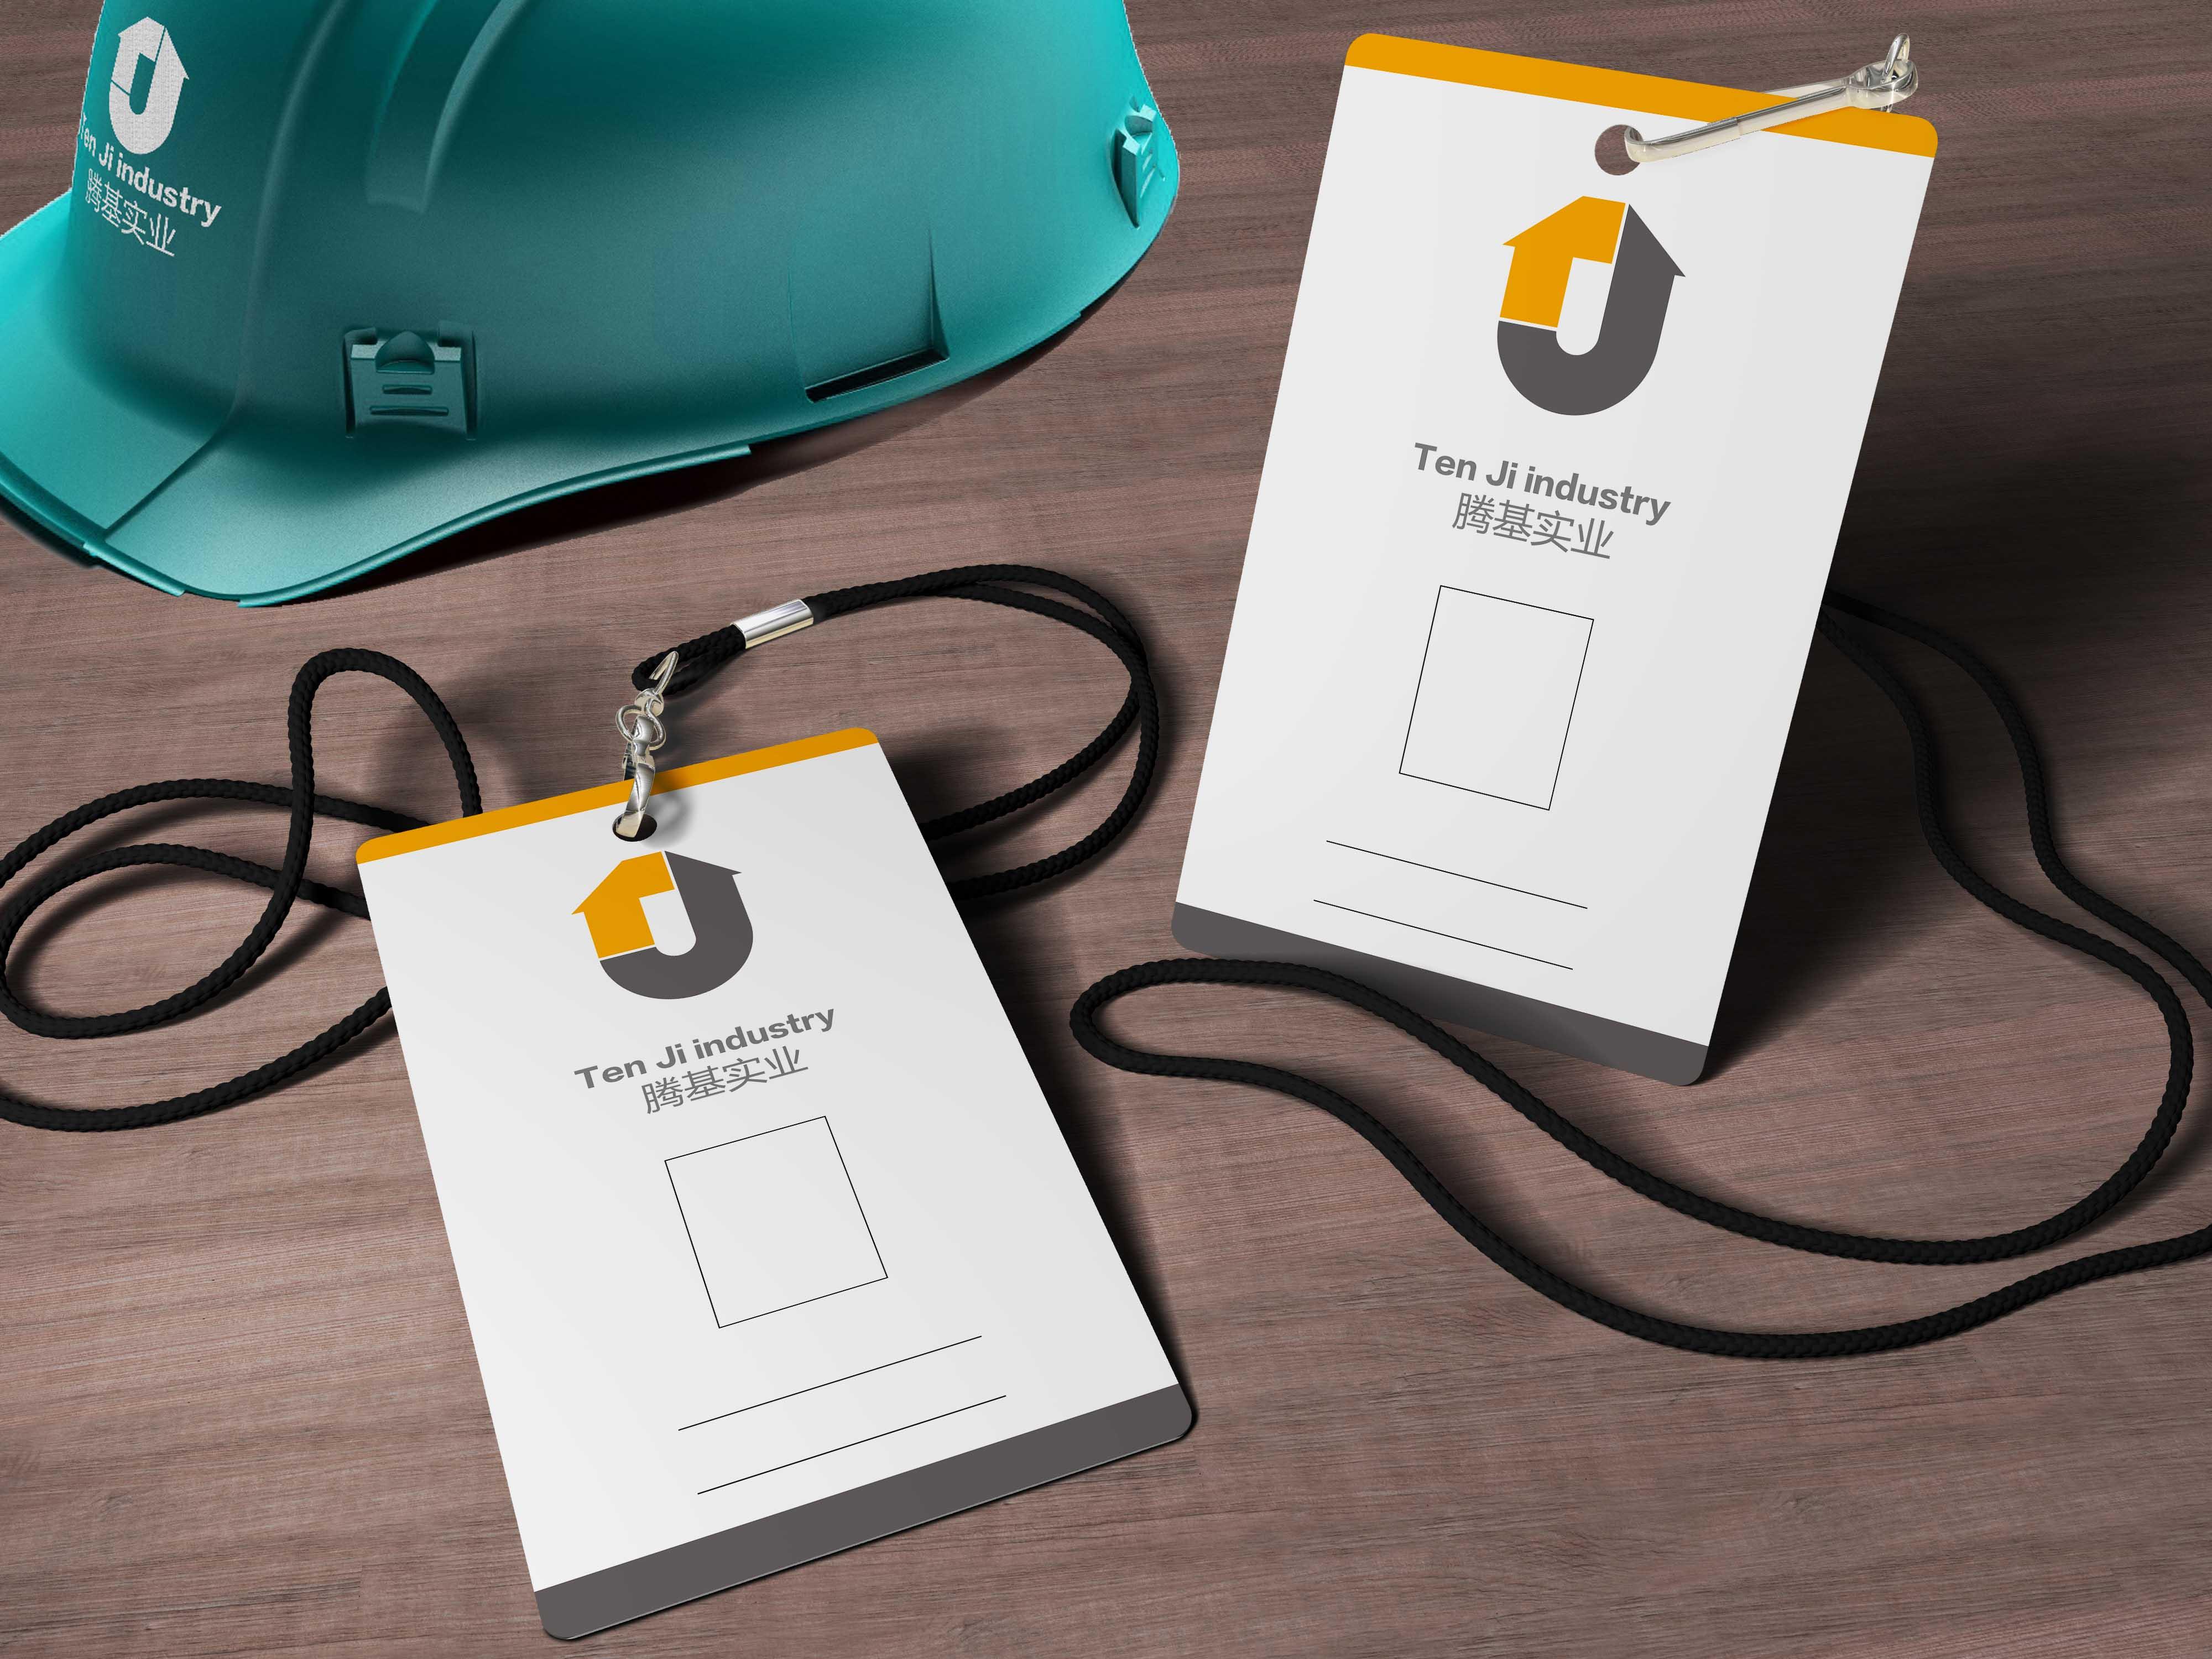 企业画册设计你必须知道的六个细节.